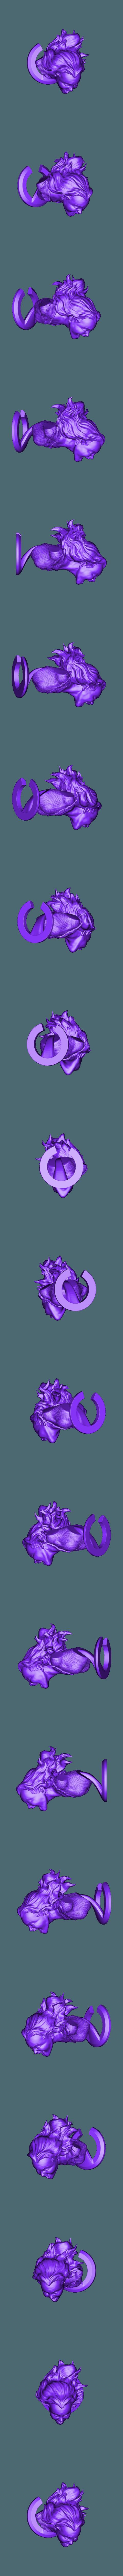 merged_Medium_TheJoyfulYell.stl Télécharger fichier STL gratuit Le joyeux hurlement • Plan pour imprimante 3D, bendansie